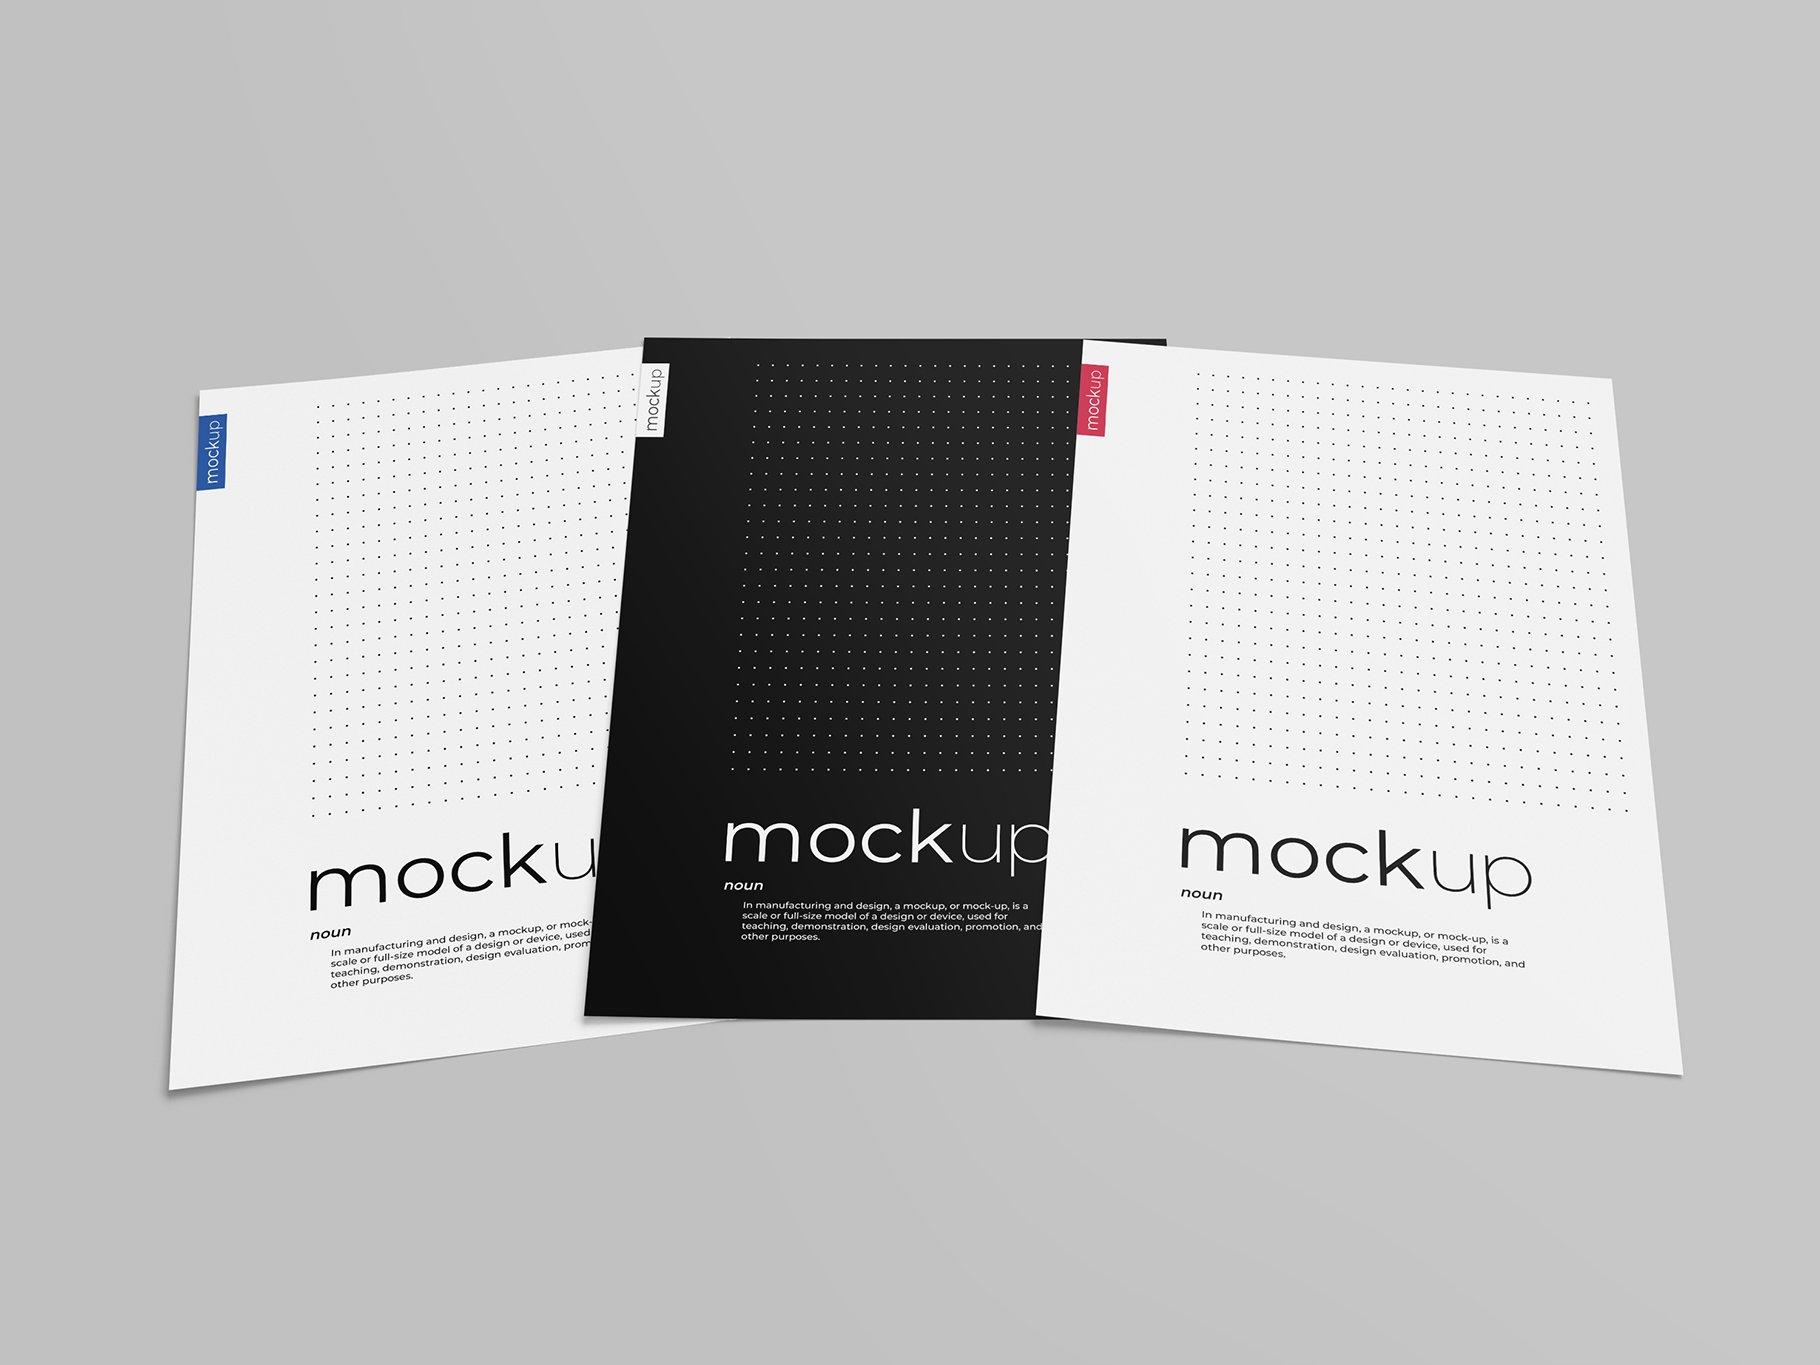 9款传单海报简历设计展示样机模板 Flyer Poster CV Mockup 2插图(9)